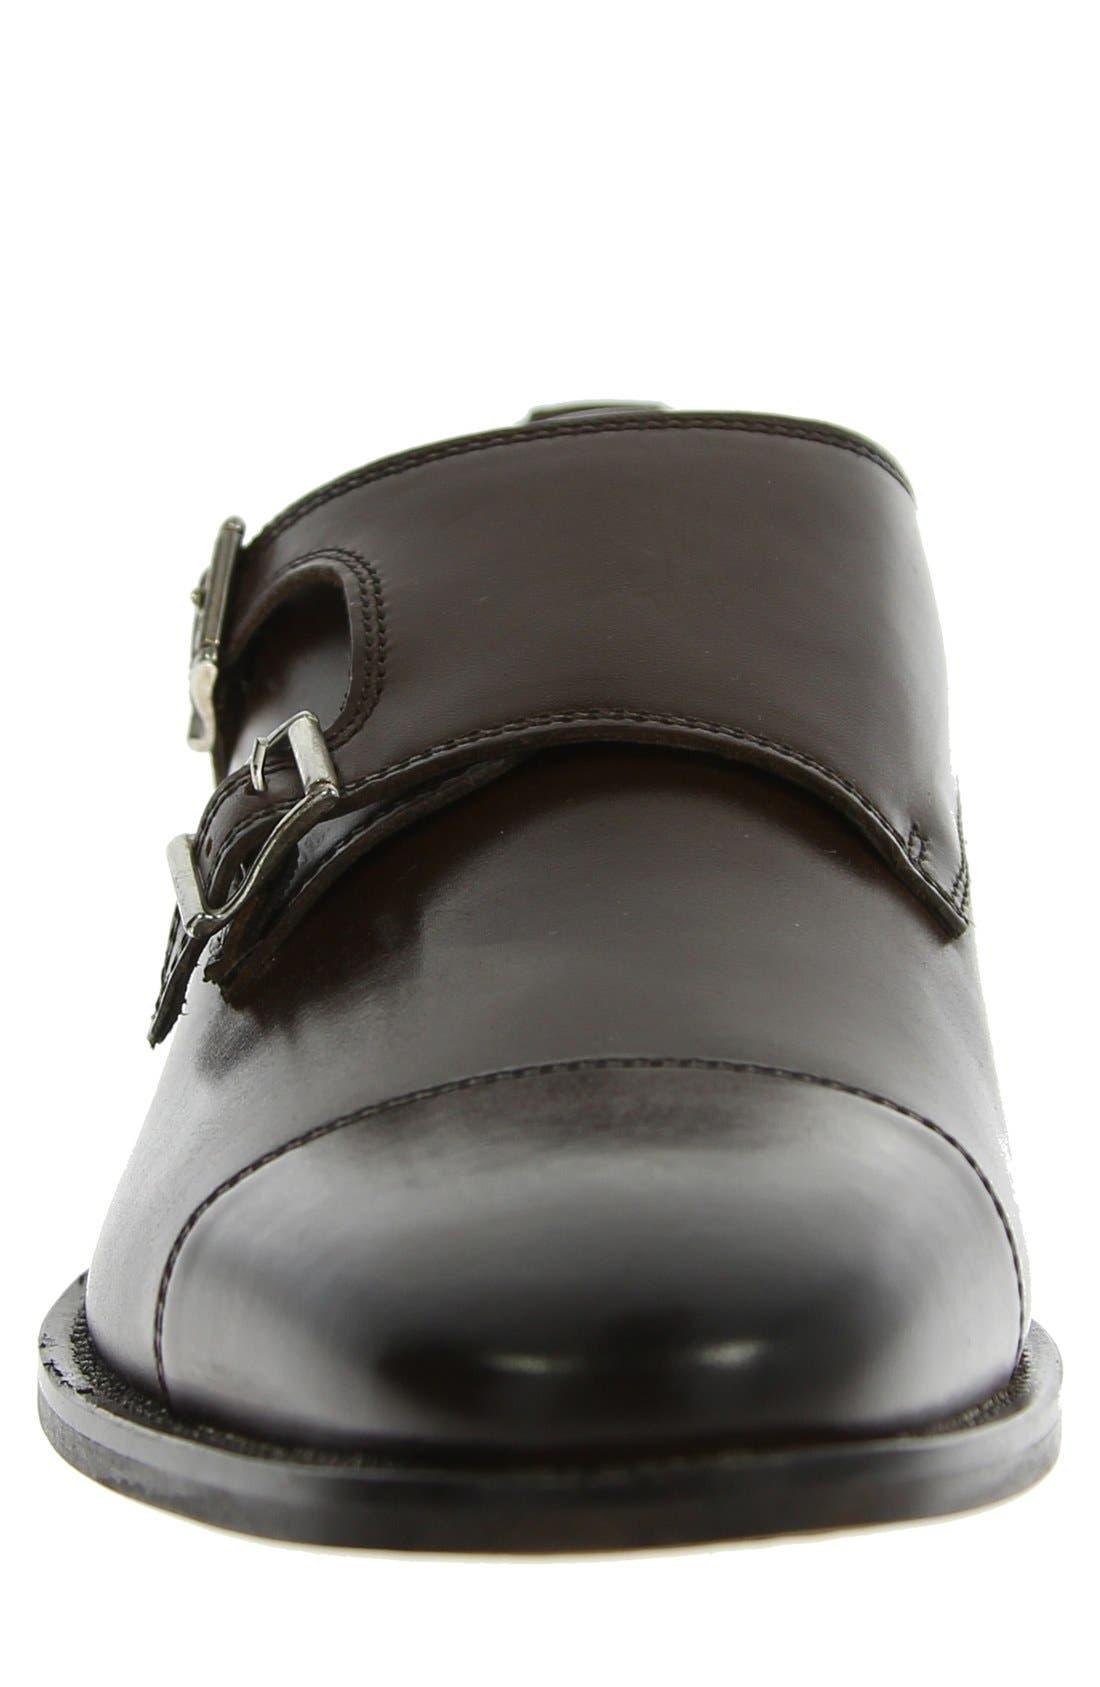 'Sabato' Double Monk Strap Shoe,                             Alternate thumbnail 2, color,                             BROWN